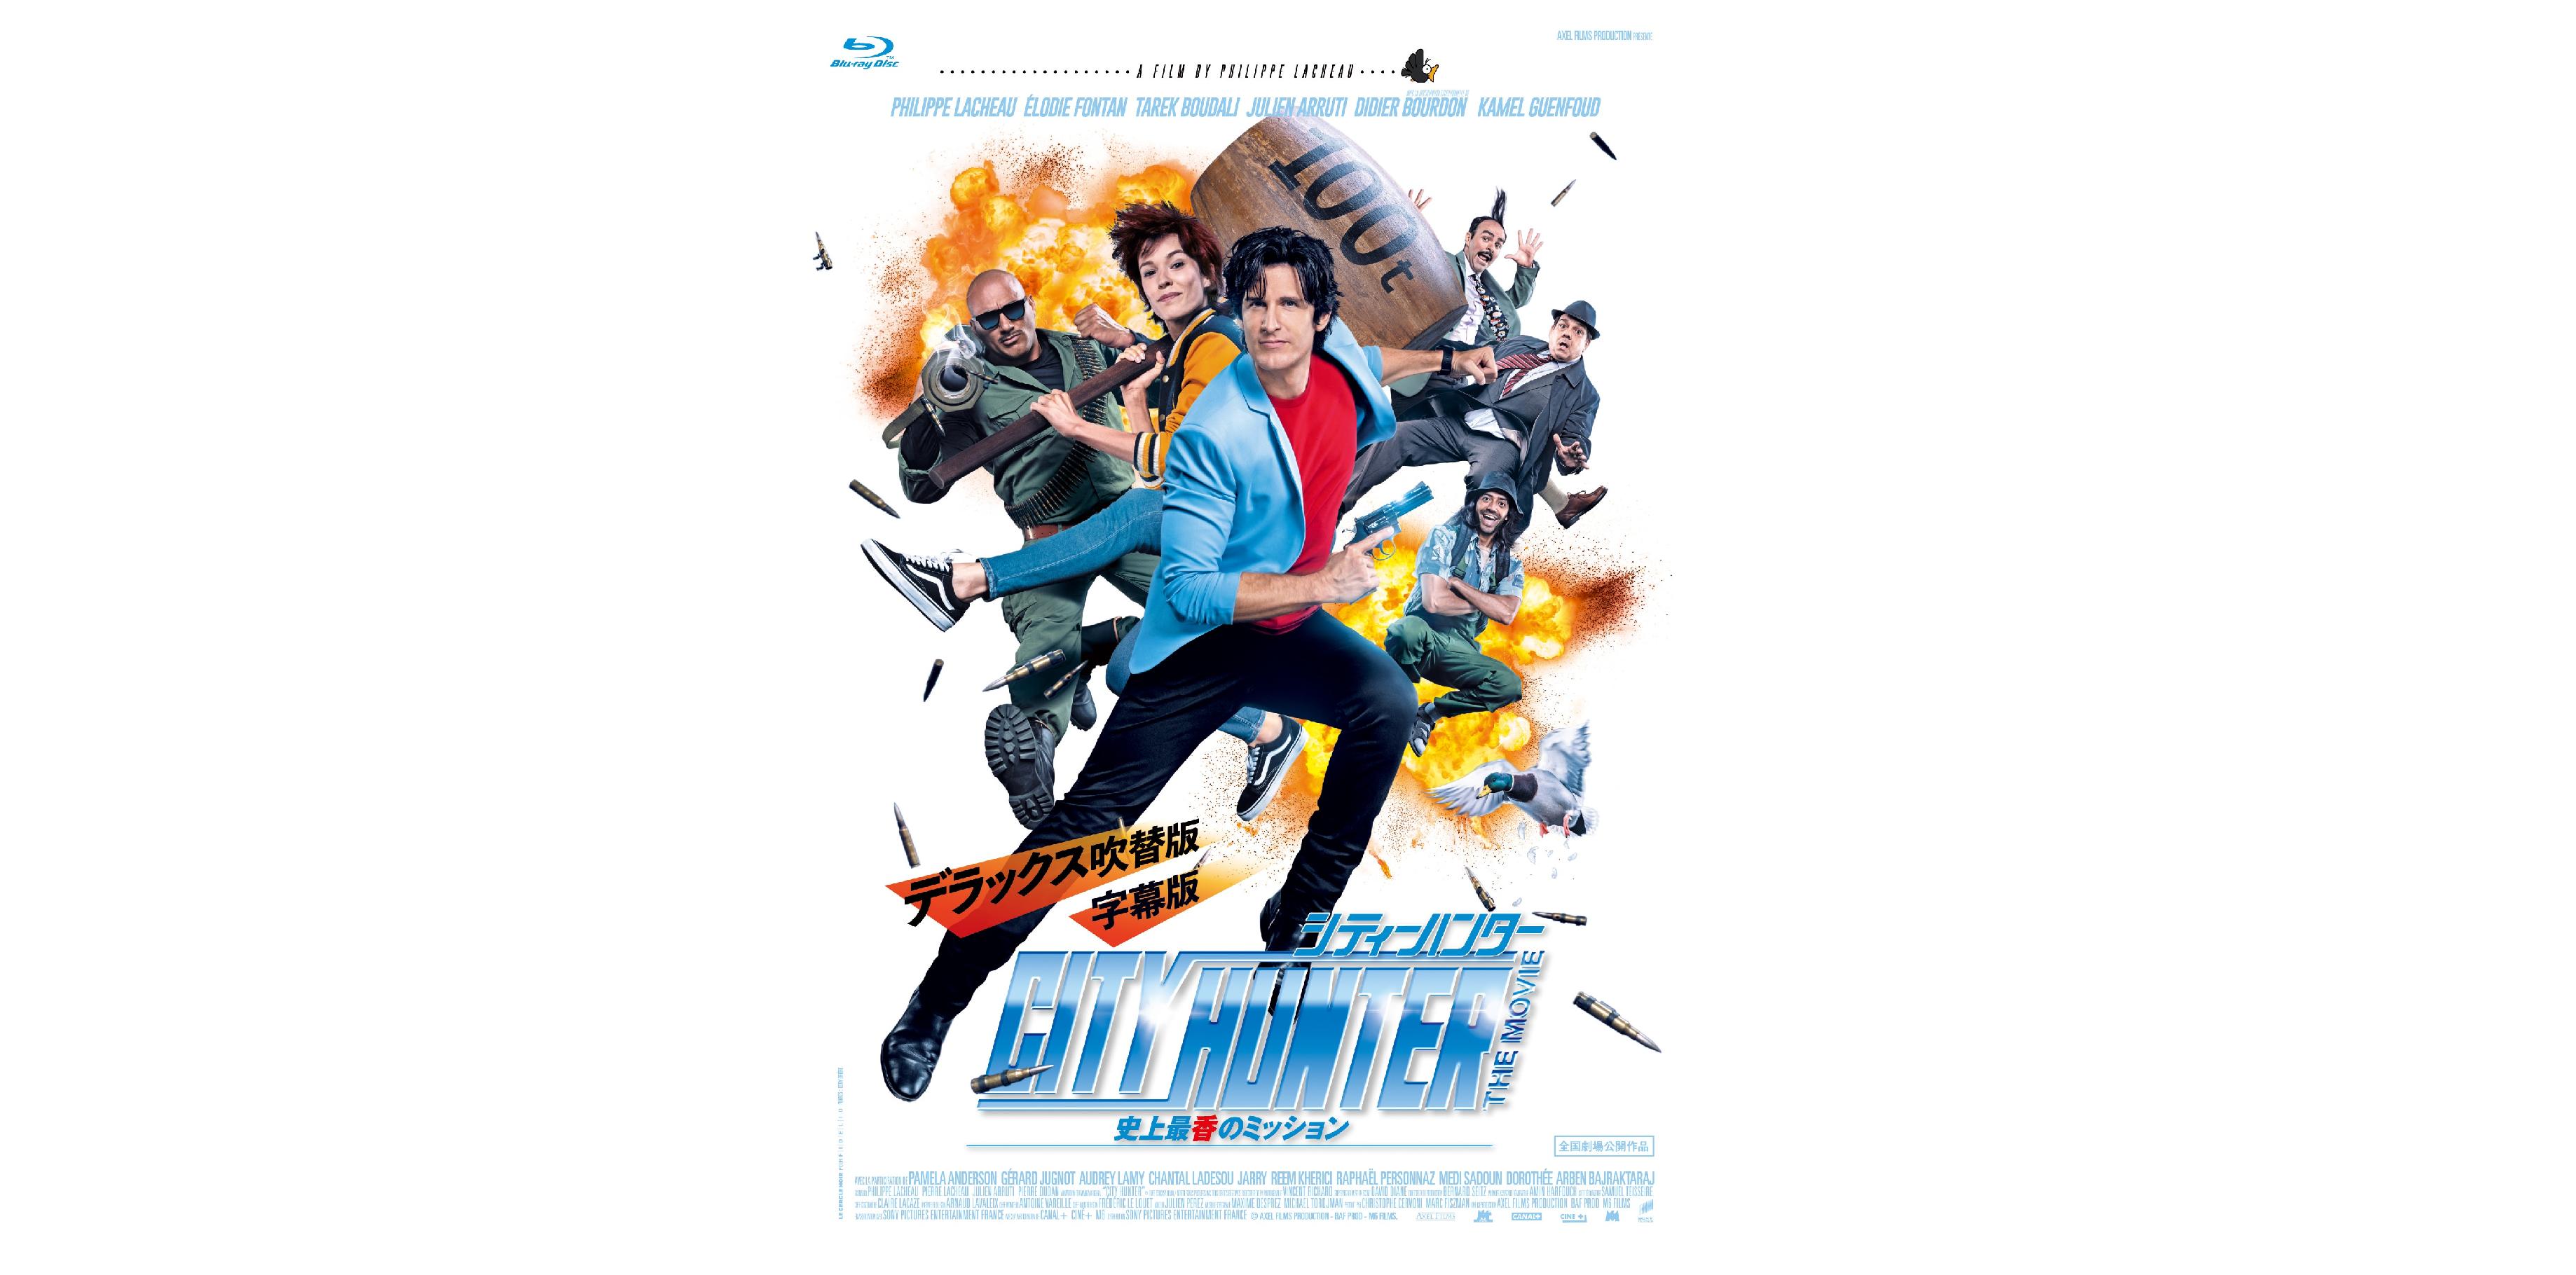 【シティーハンター THE MOVIE 史上最香のミッション】Blu-ray&DVD 2020年5月8日発売決定!